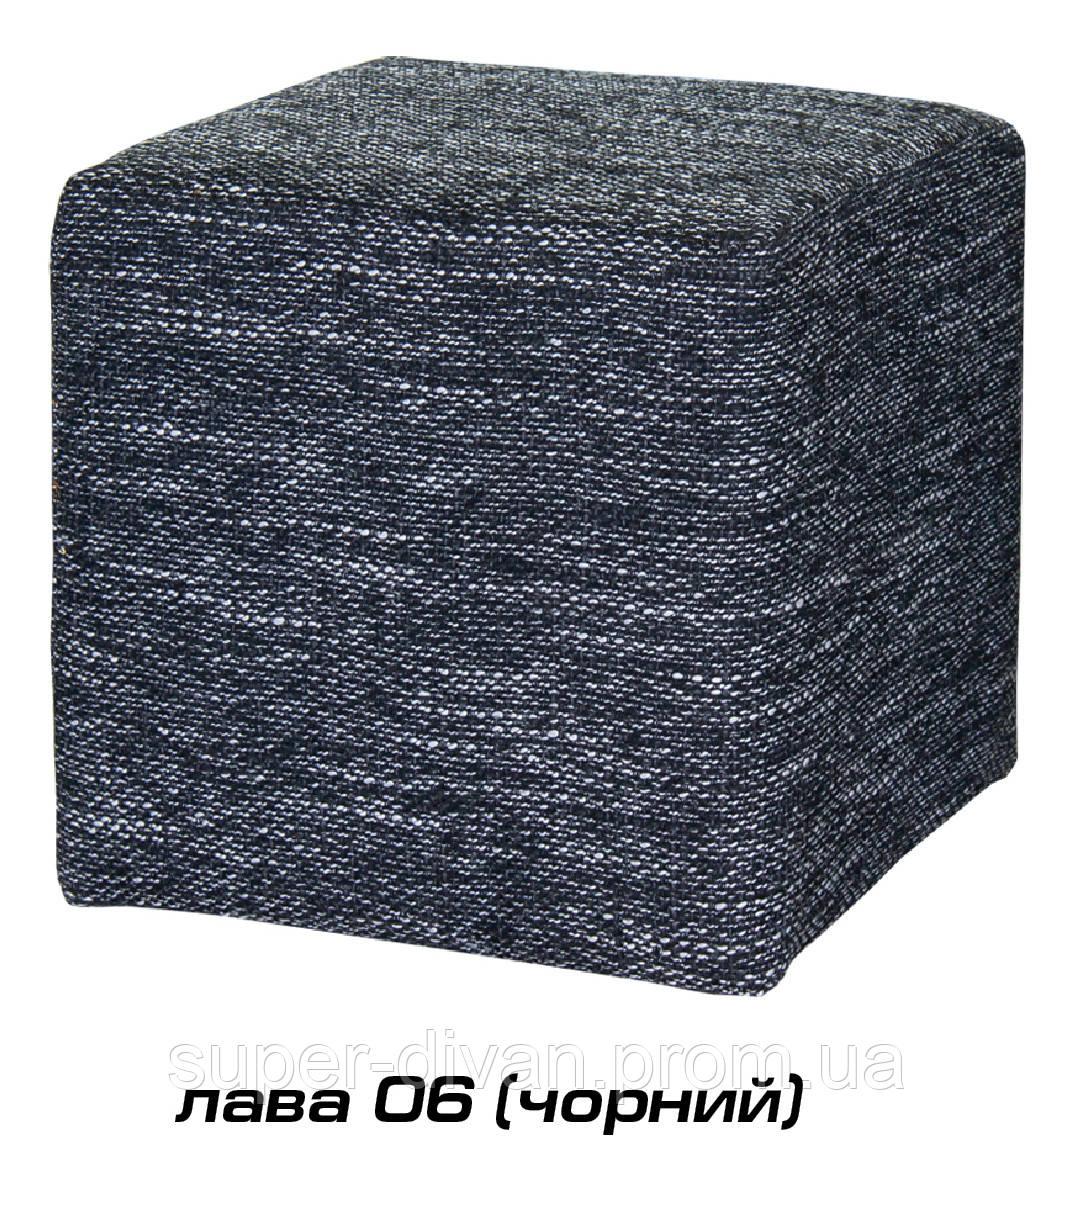 Пуфик Лава 06 (чёрный)